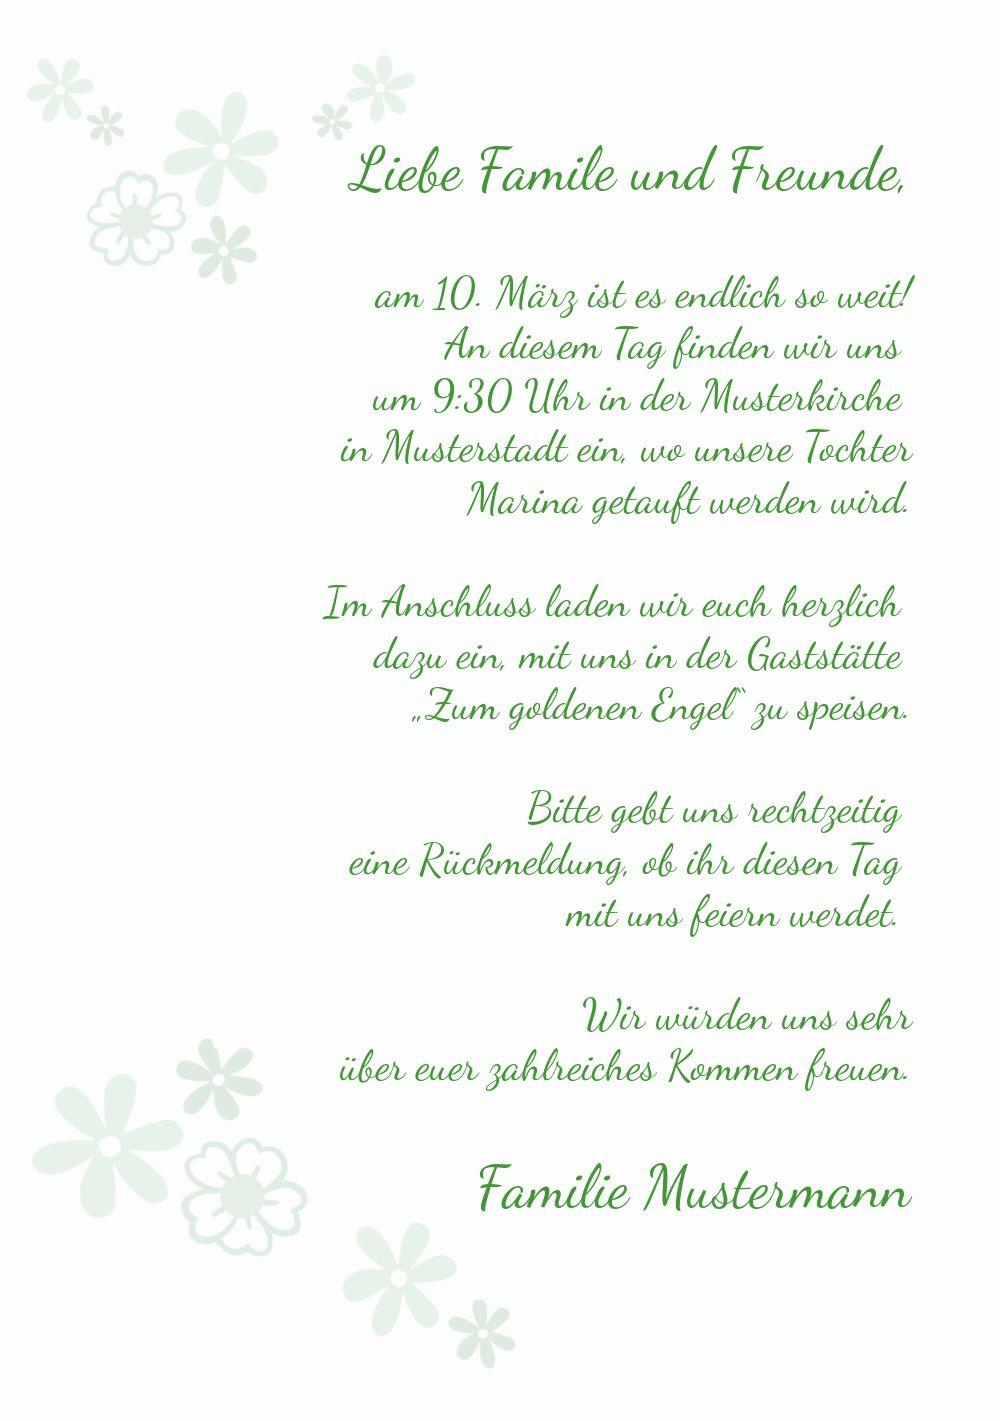 Ansicht 5 - Einladung Florales Kreuz